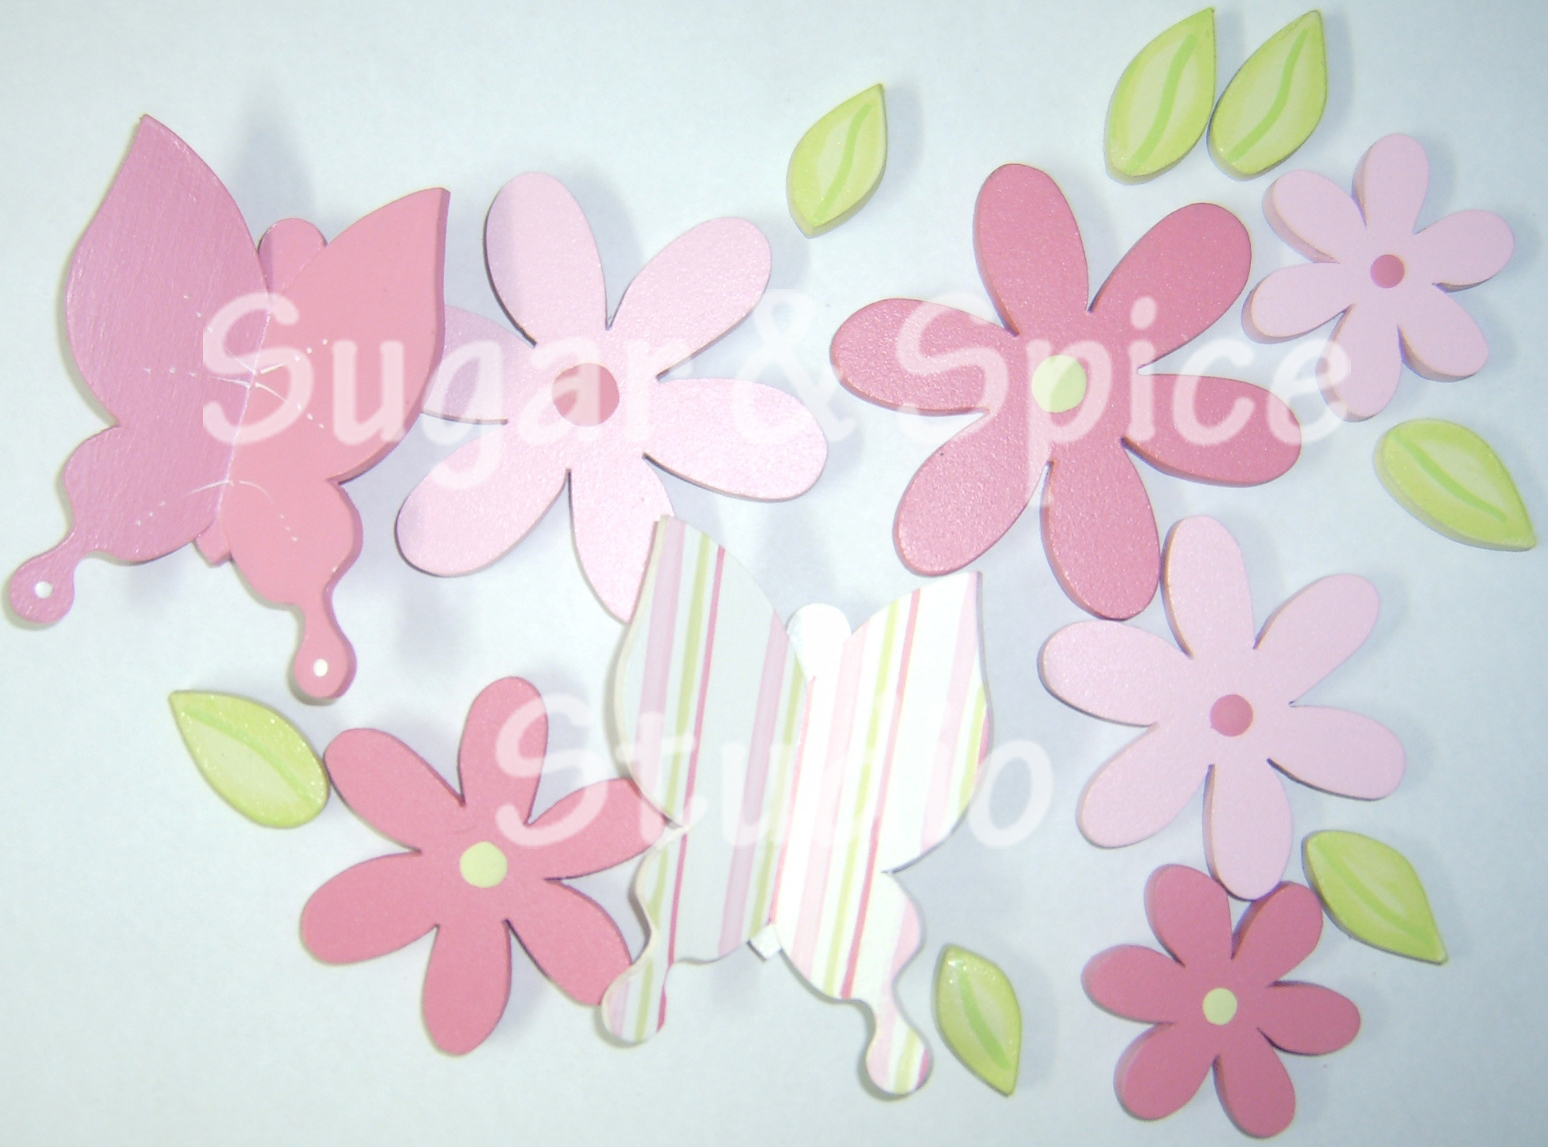 Sugar spice studio apliques para decorar las paredes del cuarto - Flores para decorar paredes ...